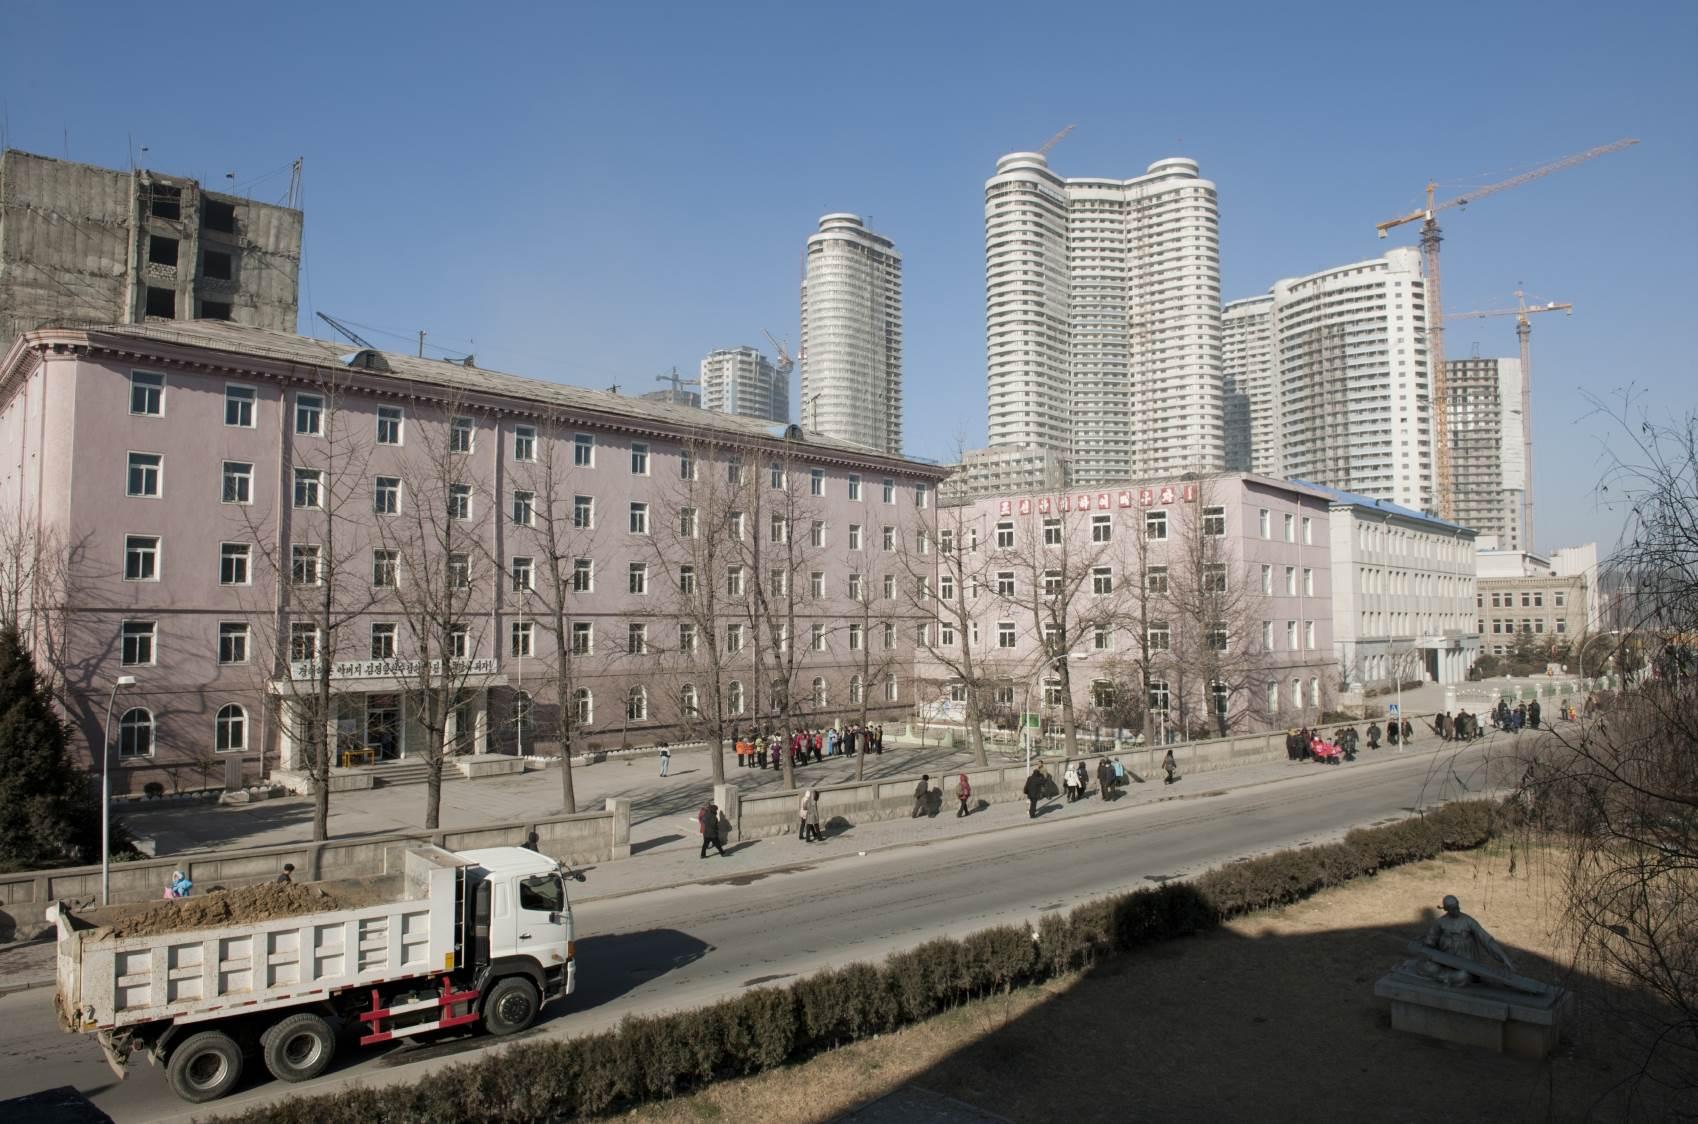 Ulica u centru Pjongjanga